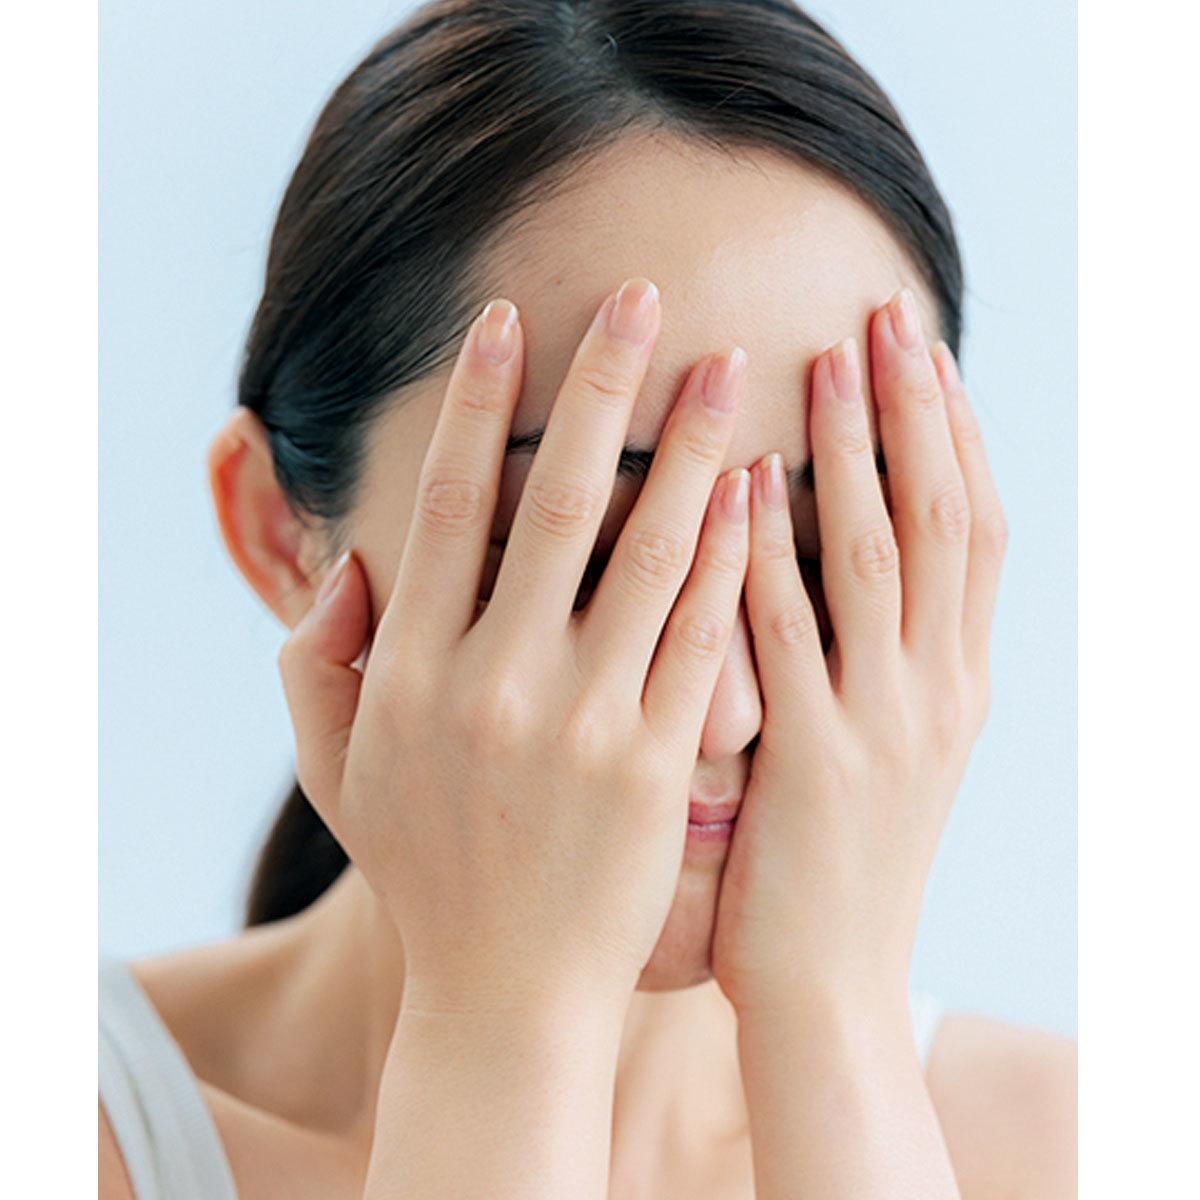 両手のひら全体で顔をしっかり覆って時間をかけて浸透させる